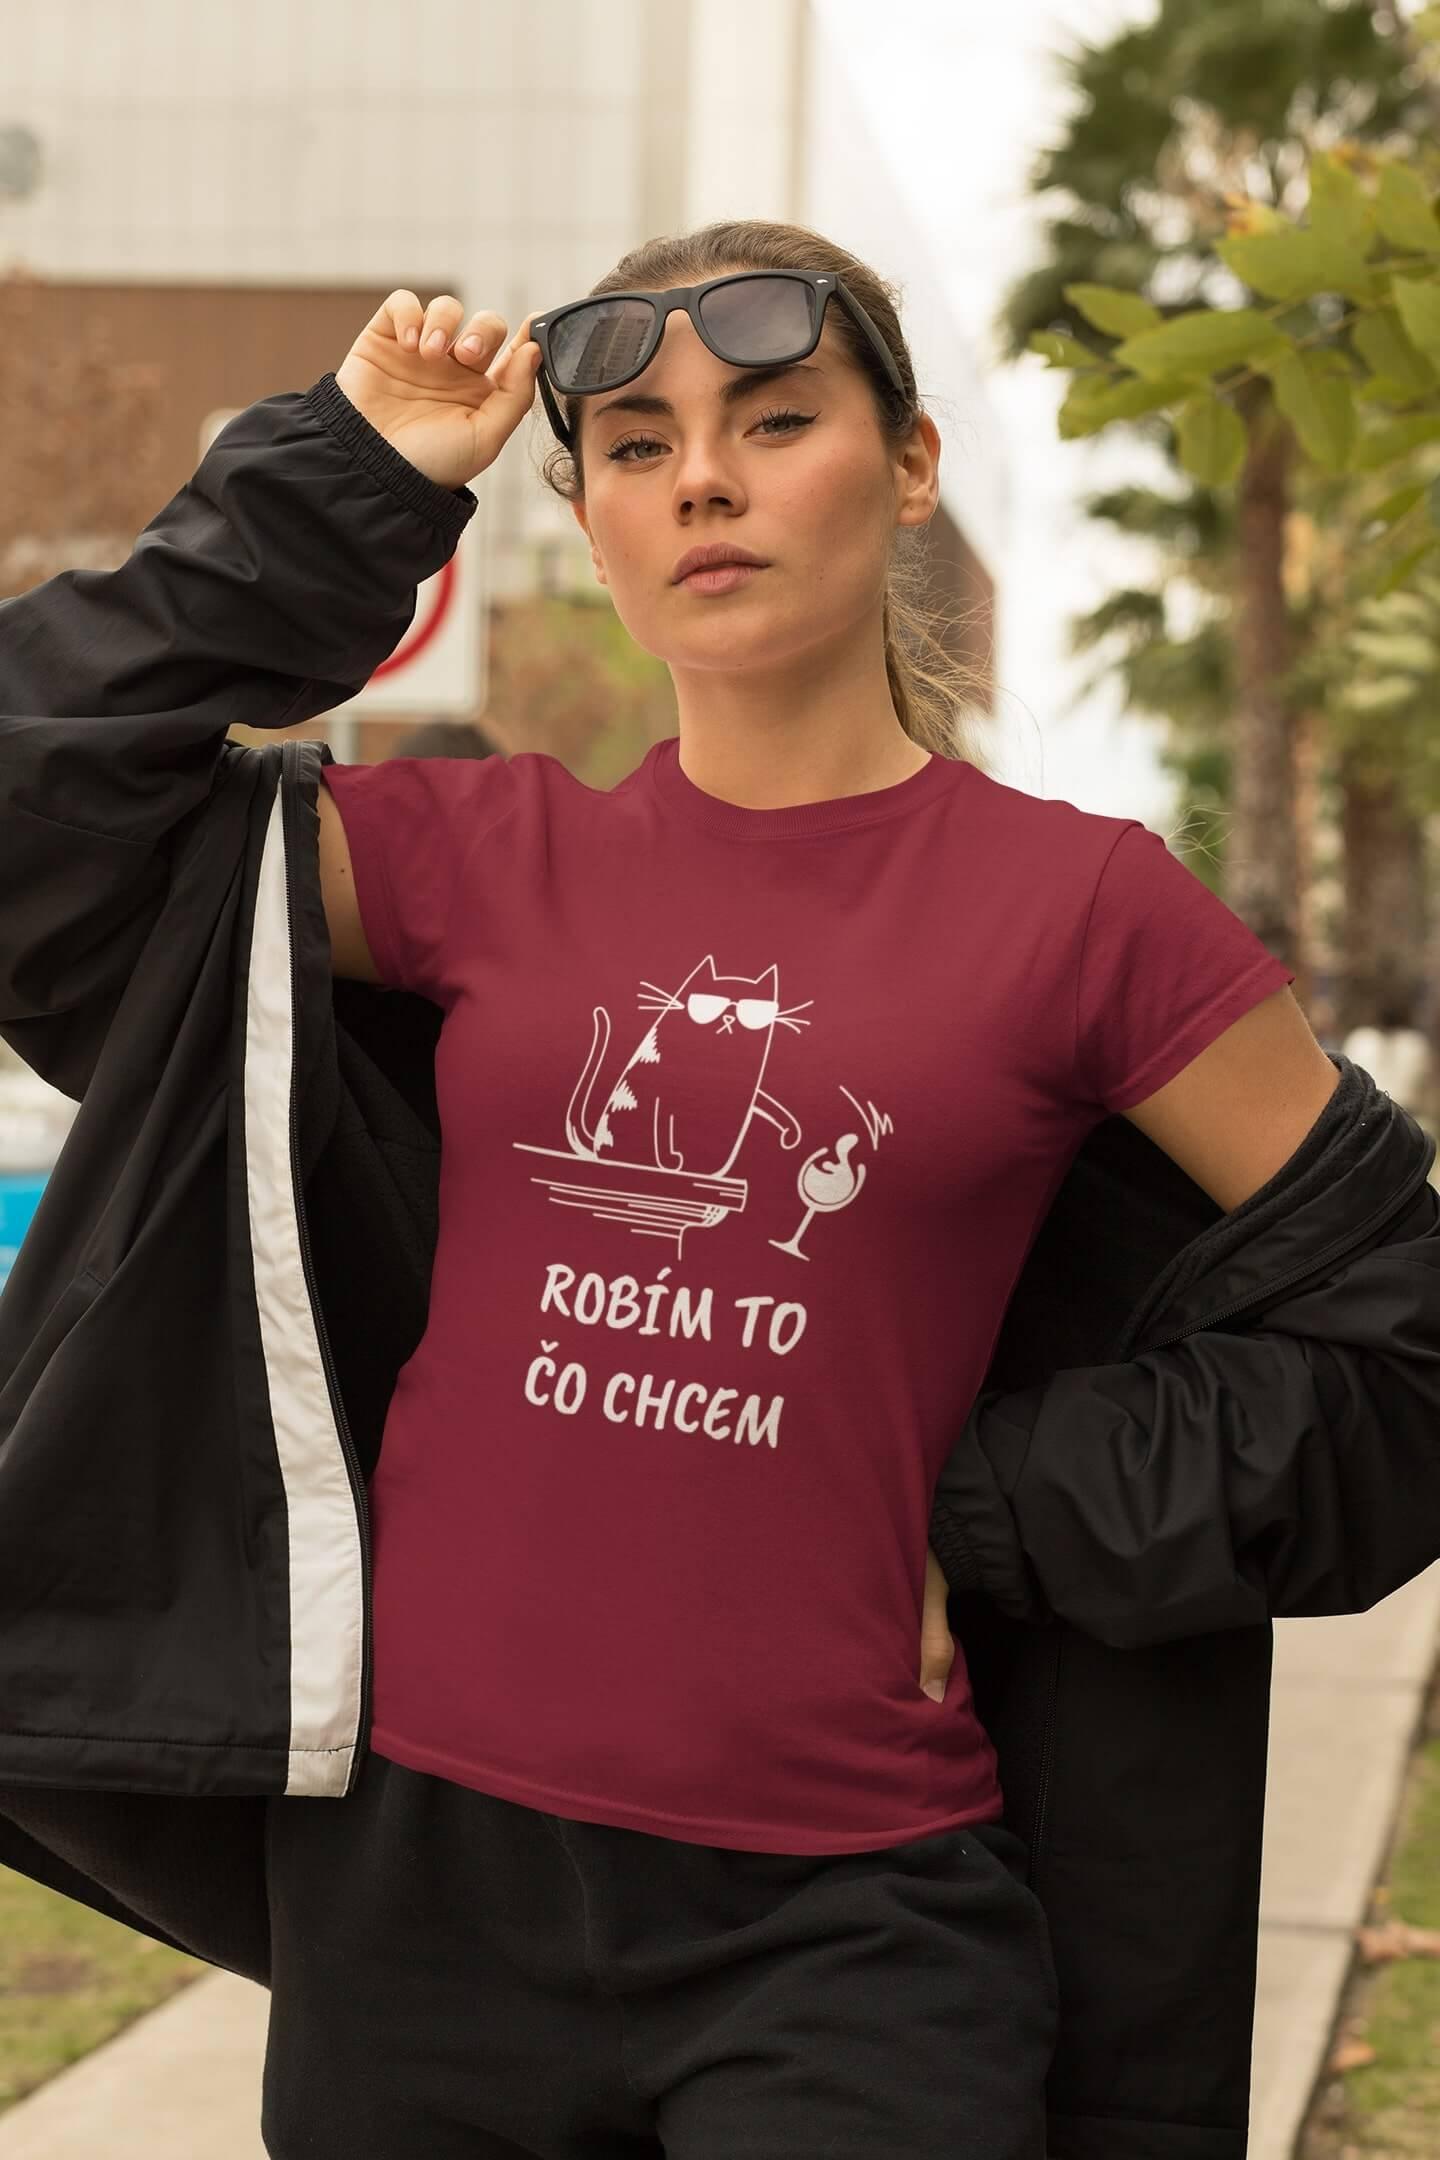 MMO Dámske tričko Robím to čo chcem víno Vyberte farbu:: Marlboro červená, Dámska veľkosť: XS